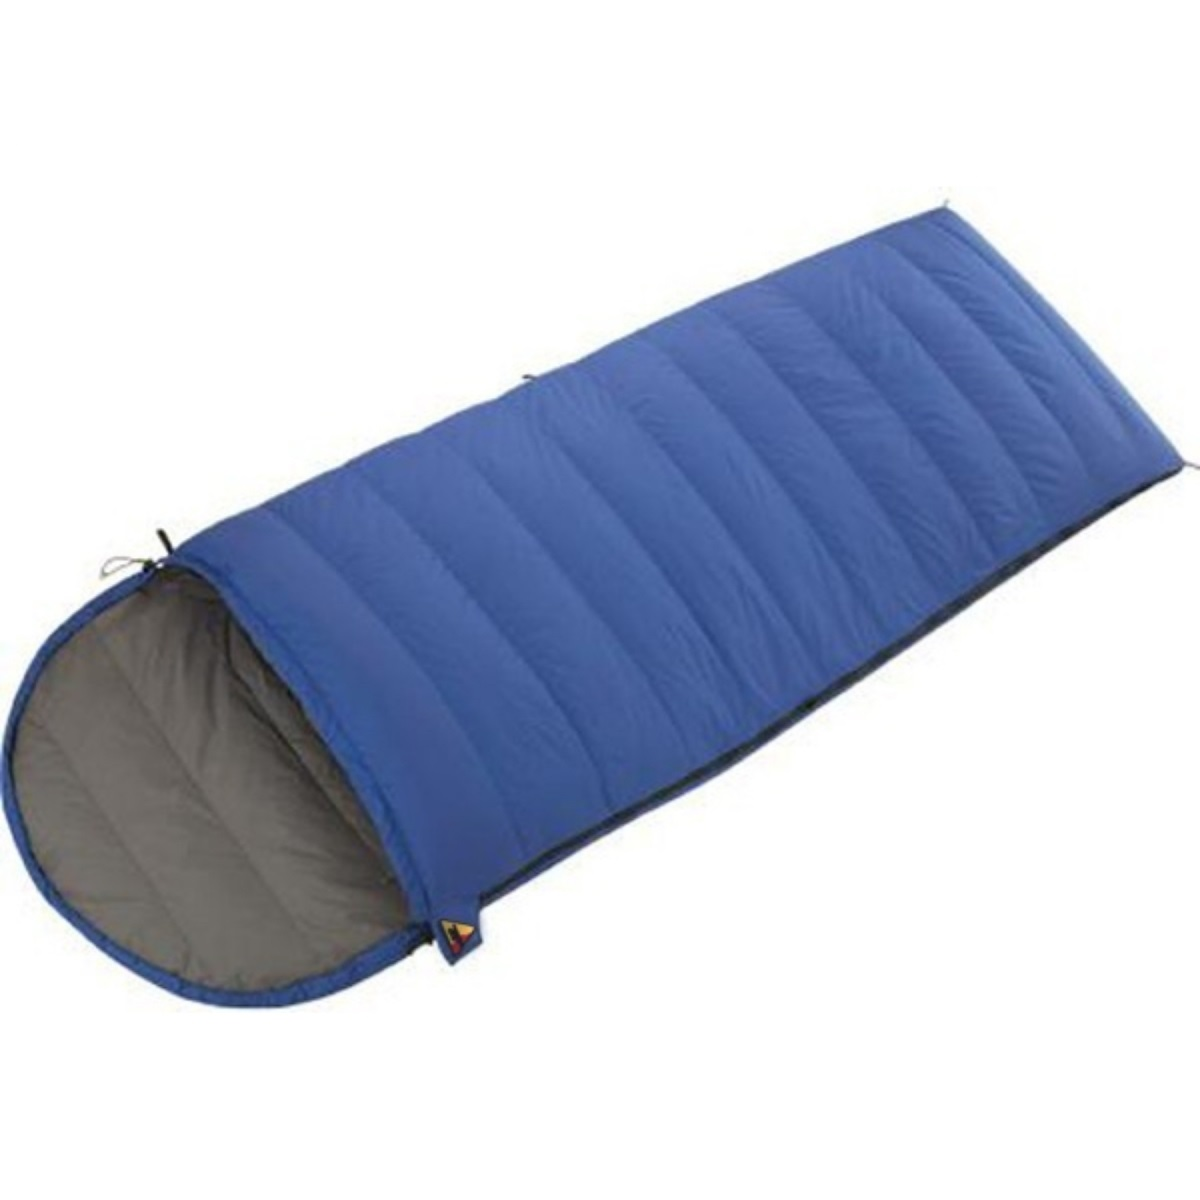 Спальный мешок BASK BLANKET PRO V2 M 3540Спальные мешки<br>Спальный мешок одеяло с подголовником (до -28С).<br><br>Верхняя ткань: Advance®Perfomance<br>Вес без упаковки: 1330<br>Вес упаковки: 150<br>Вес утеплителя: 728<br>Внутренняя ткань: Advance® Classic<br>Назначение: Экстремальный<br>Наличие карманов: Нет<br>Наполнитель: Гусиный пух<br>Нижняя температура комфорта °C: -10<br>Подголовник/Капюшон: Да<br>Показатель Fill Power (для пуховых изделий): 670<br>Пол: Унисекс<br>Размер в упакованном виде (диаметр х длина): 21х45<br>Размеры наружные (внутренние): 220х185х80<br>Система расположения слоев утеплителя или пуховых пакетов: Смещенные швы<br>Температура комфорта °C: -4<br>Тесьма вдоль планки: Да<br>Тип молнии: Двухзамковая-разъёмная<br>Тип утеплителя: Натуральный<br>Утеплитель: Гусиный пух<br>Утепляющая планка: Да<br>Форма: Одеяло<br>Шейный пакет: Да<br>Экстремальная температура °C: -28<br>Размер RU: R<br>Цвет: ХАКИ